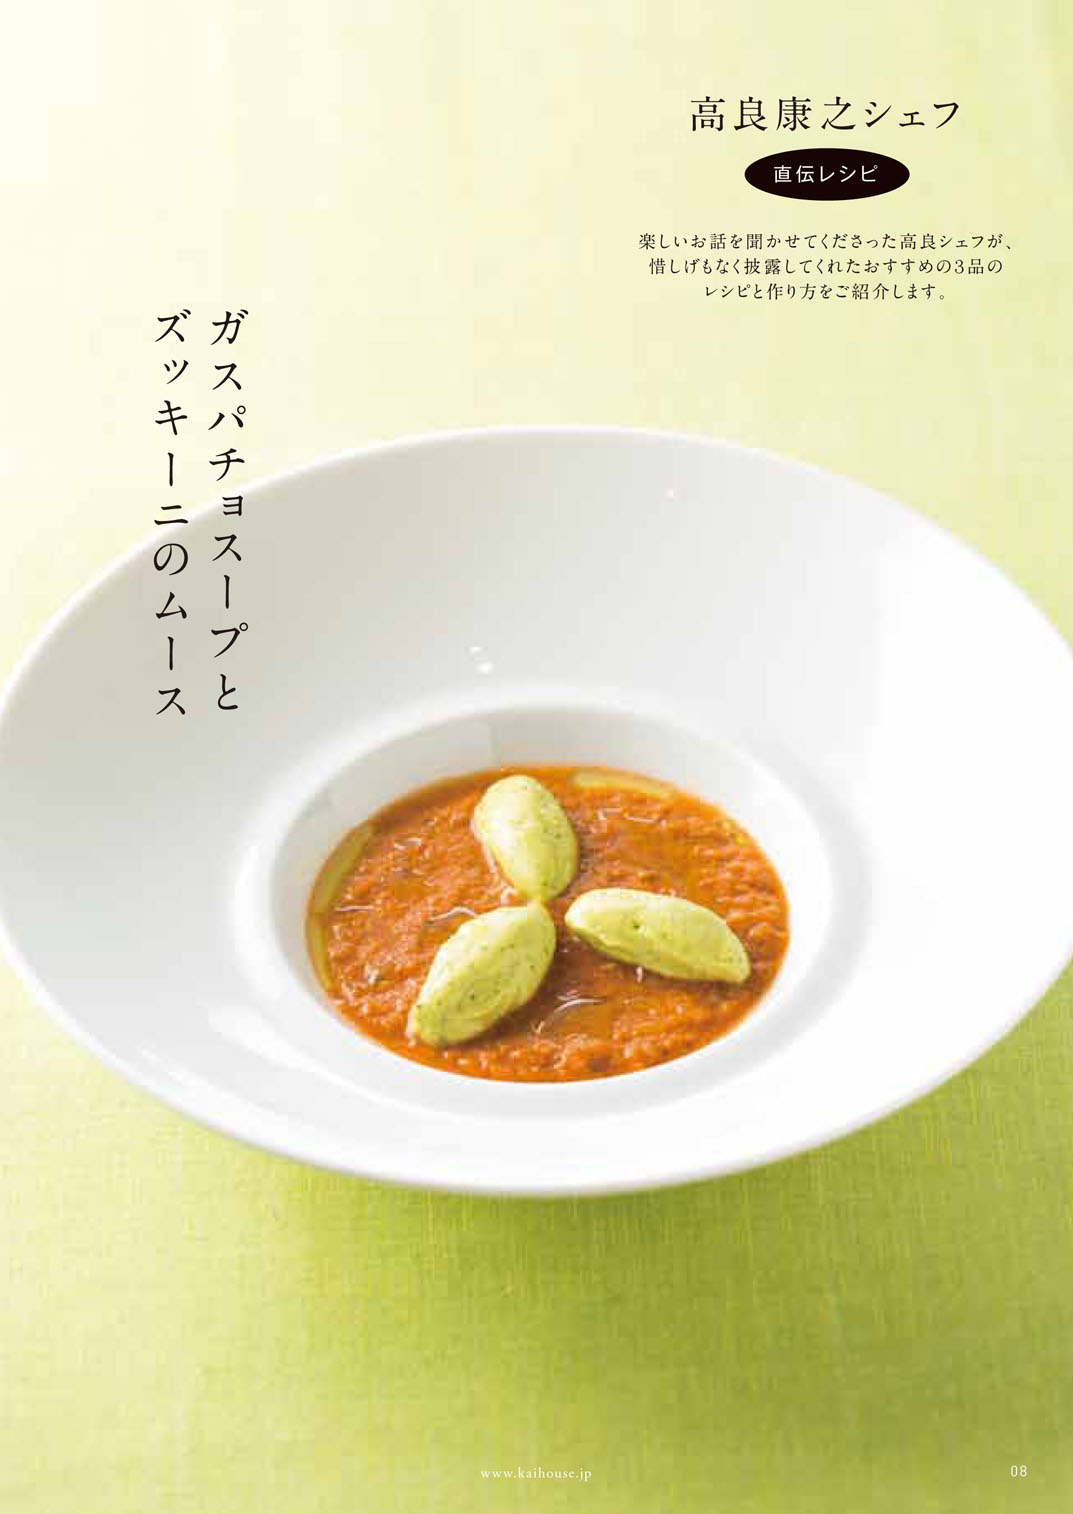 KaiHouse_25_08.jpg